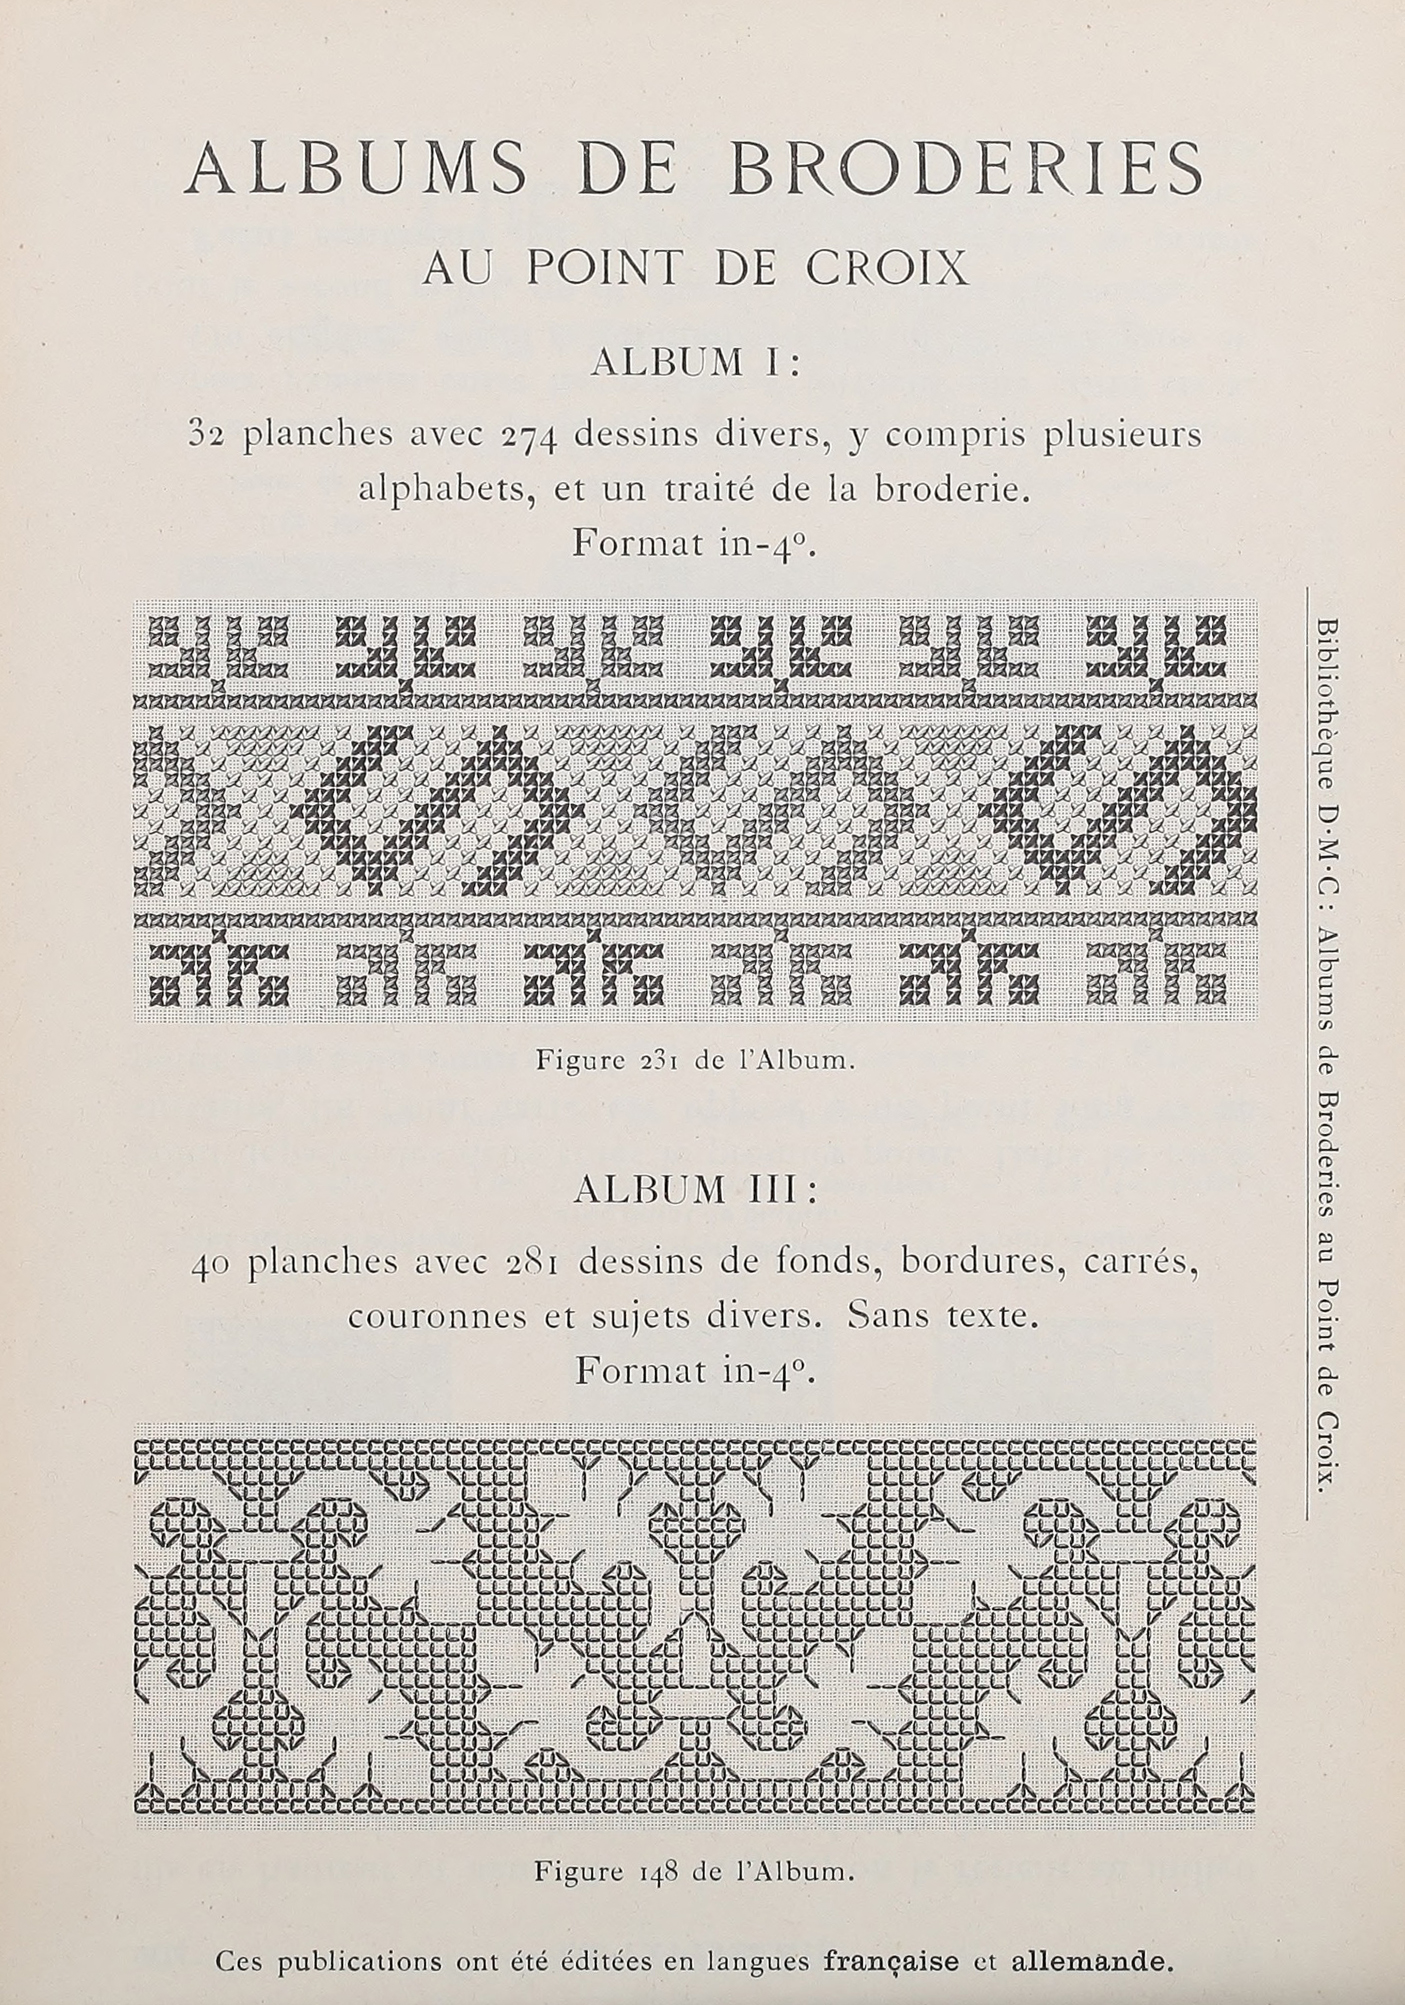 File Bibliothèque Dmc 02 Albums De Broderies Au Point De Croix I Ii Jpg Wikimedia Commons